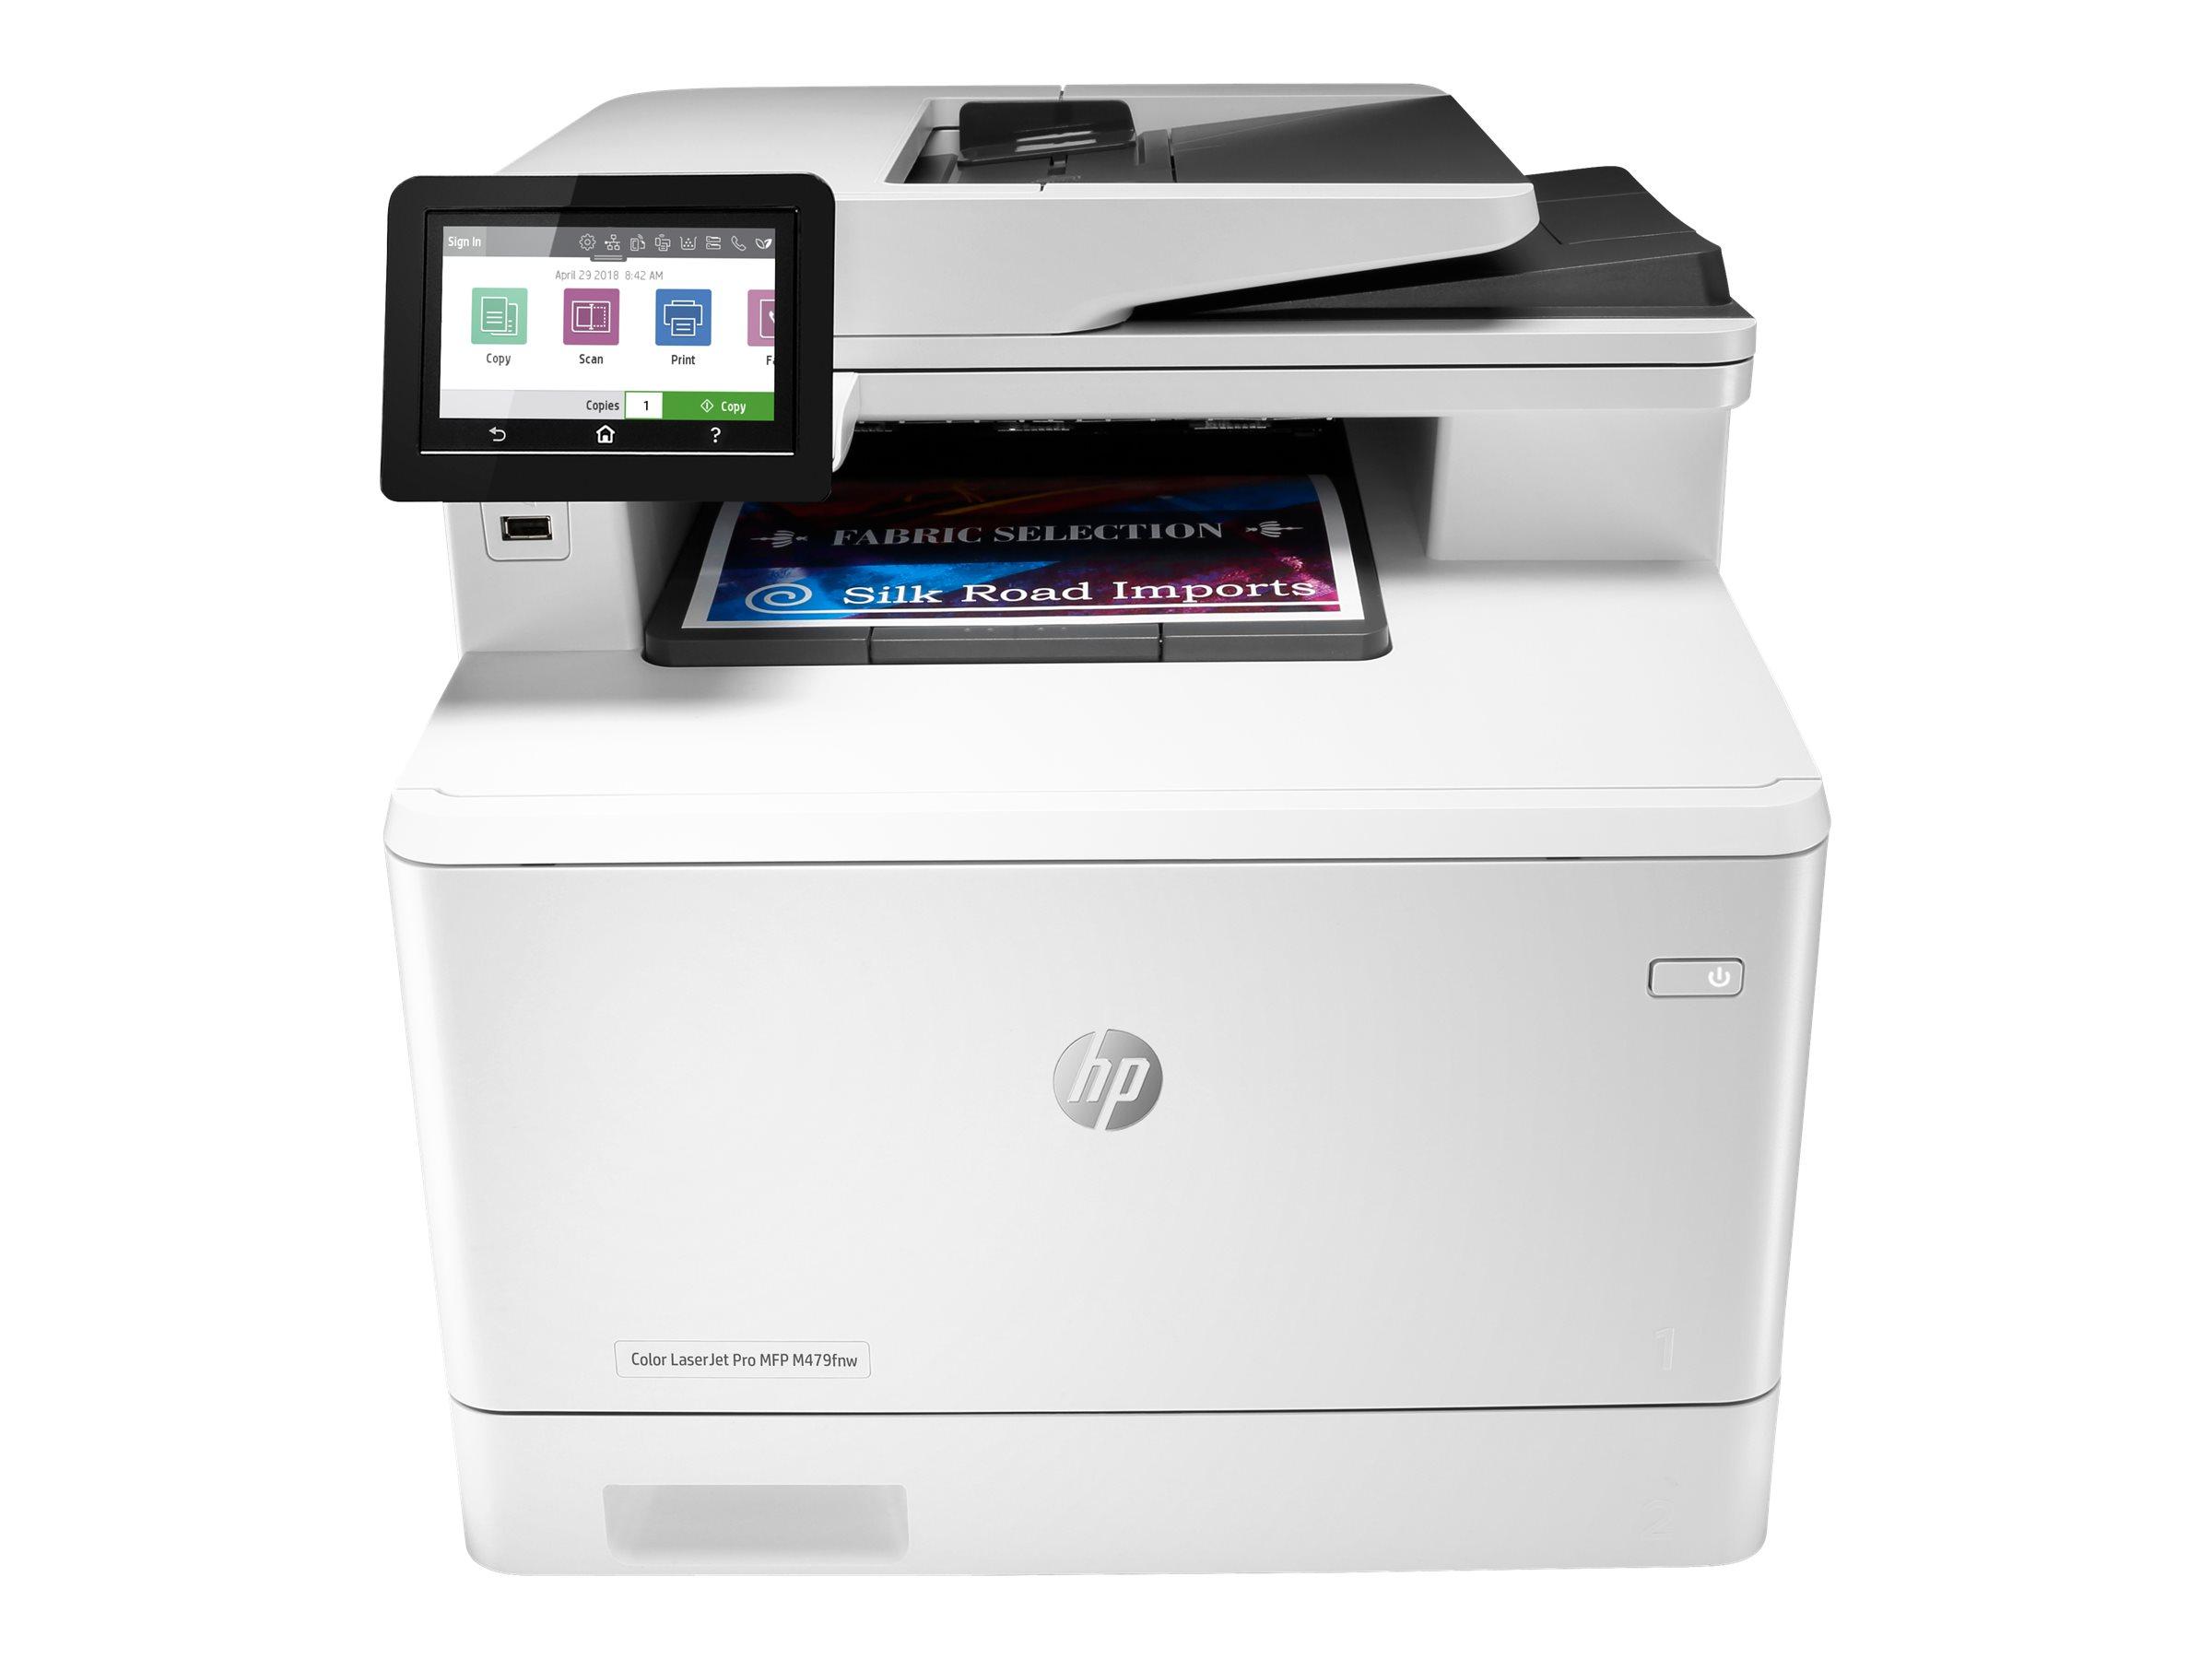 HP Color LaserJet Pro MFP M479fnw - Multifunktionsdrucker - Farbe - Laser - Legal (216 x 356 mm)